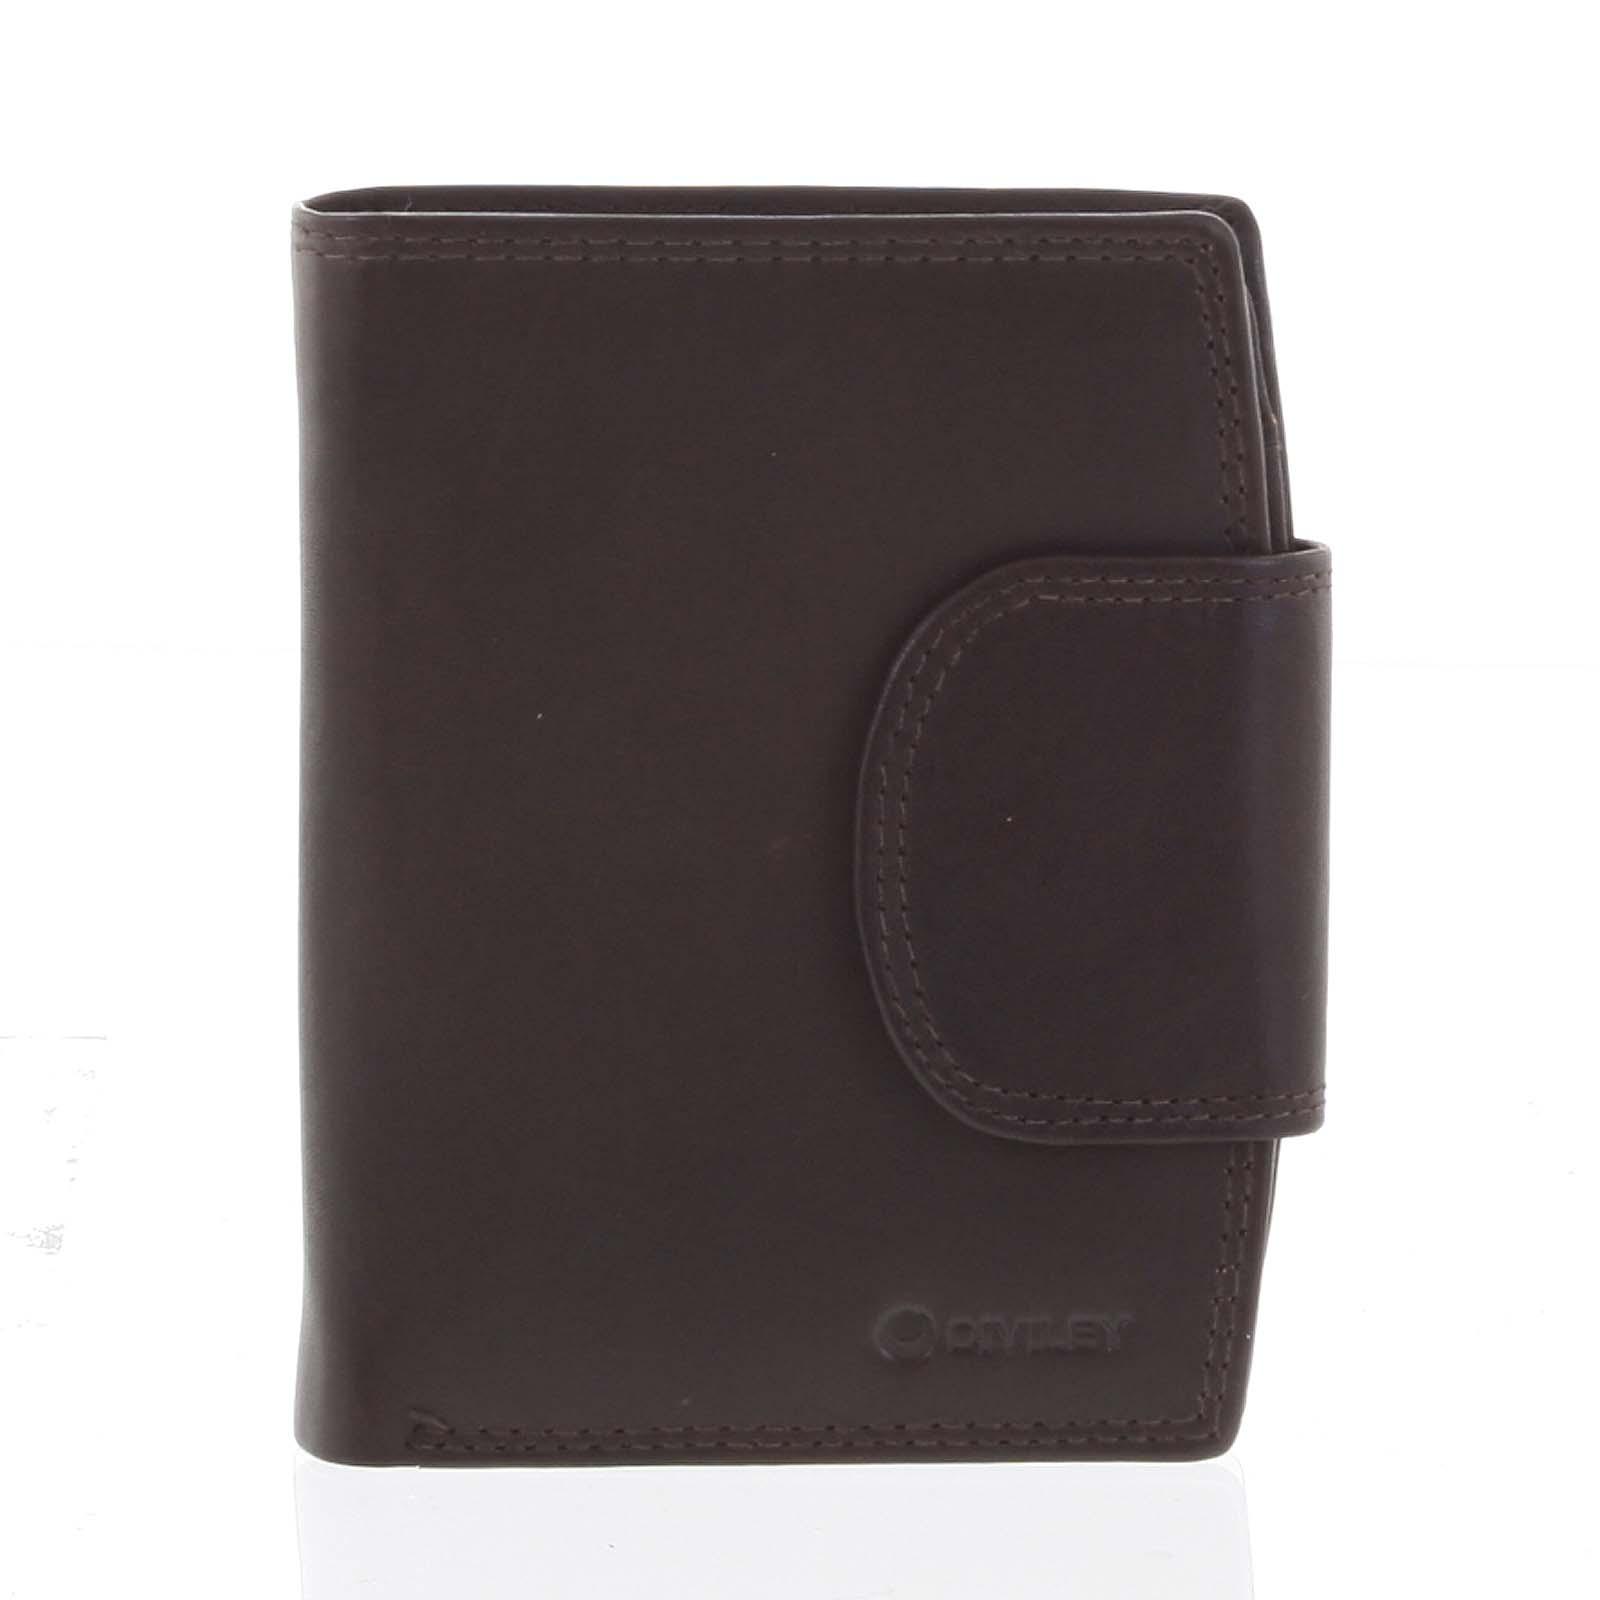 Elegantná hnedá kožená peňaženka so zápinkou - Diviley Universit